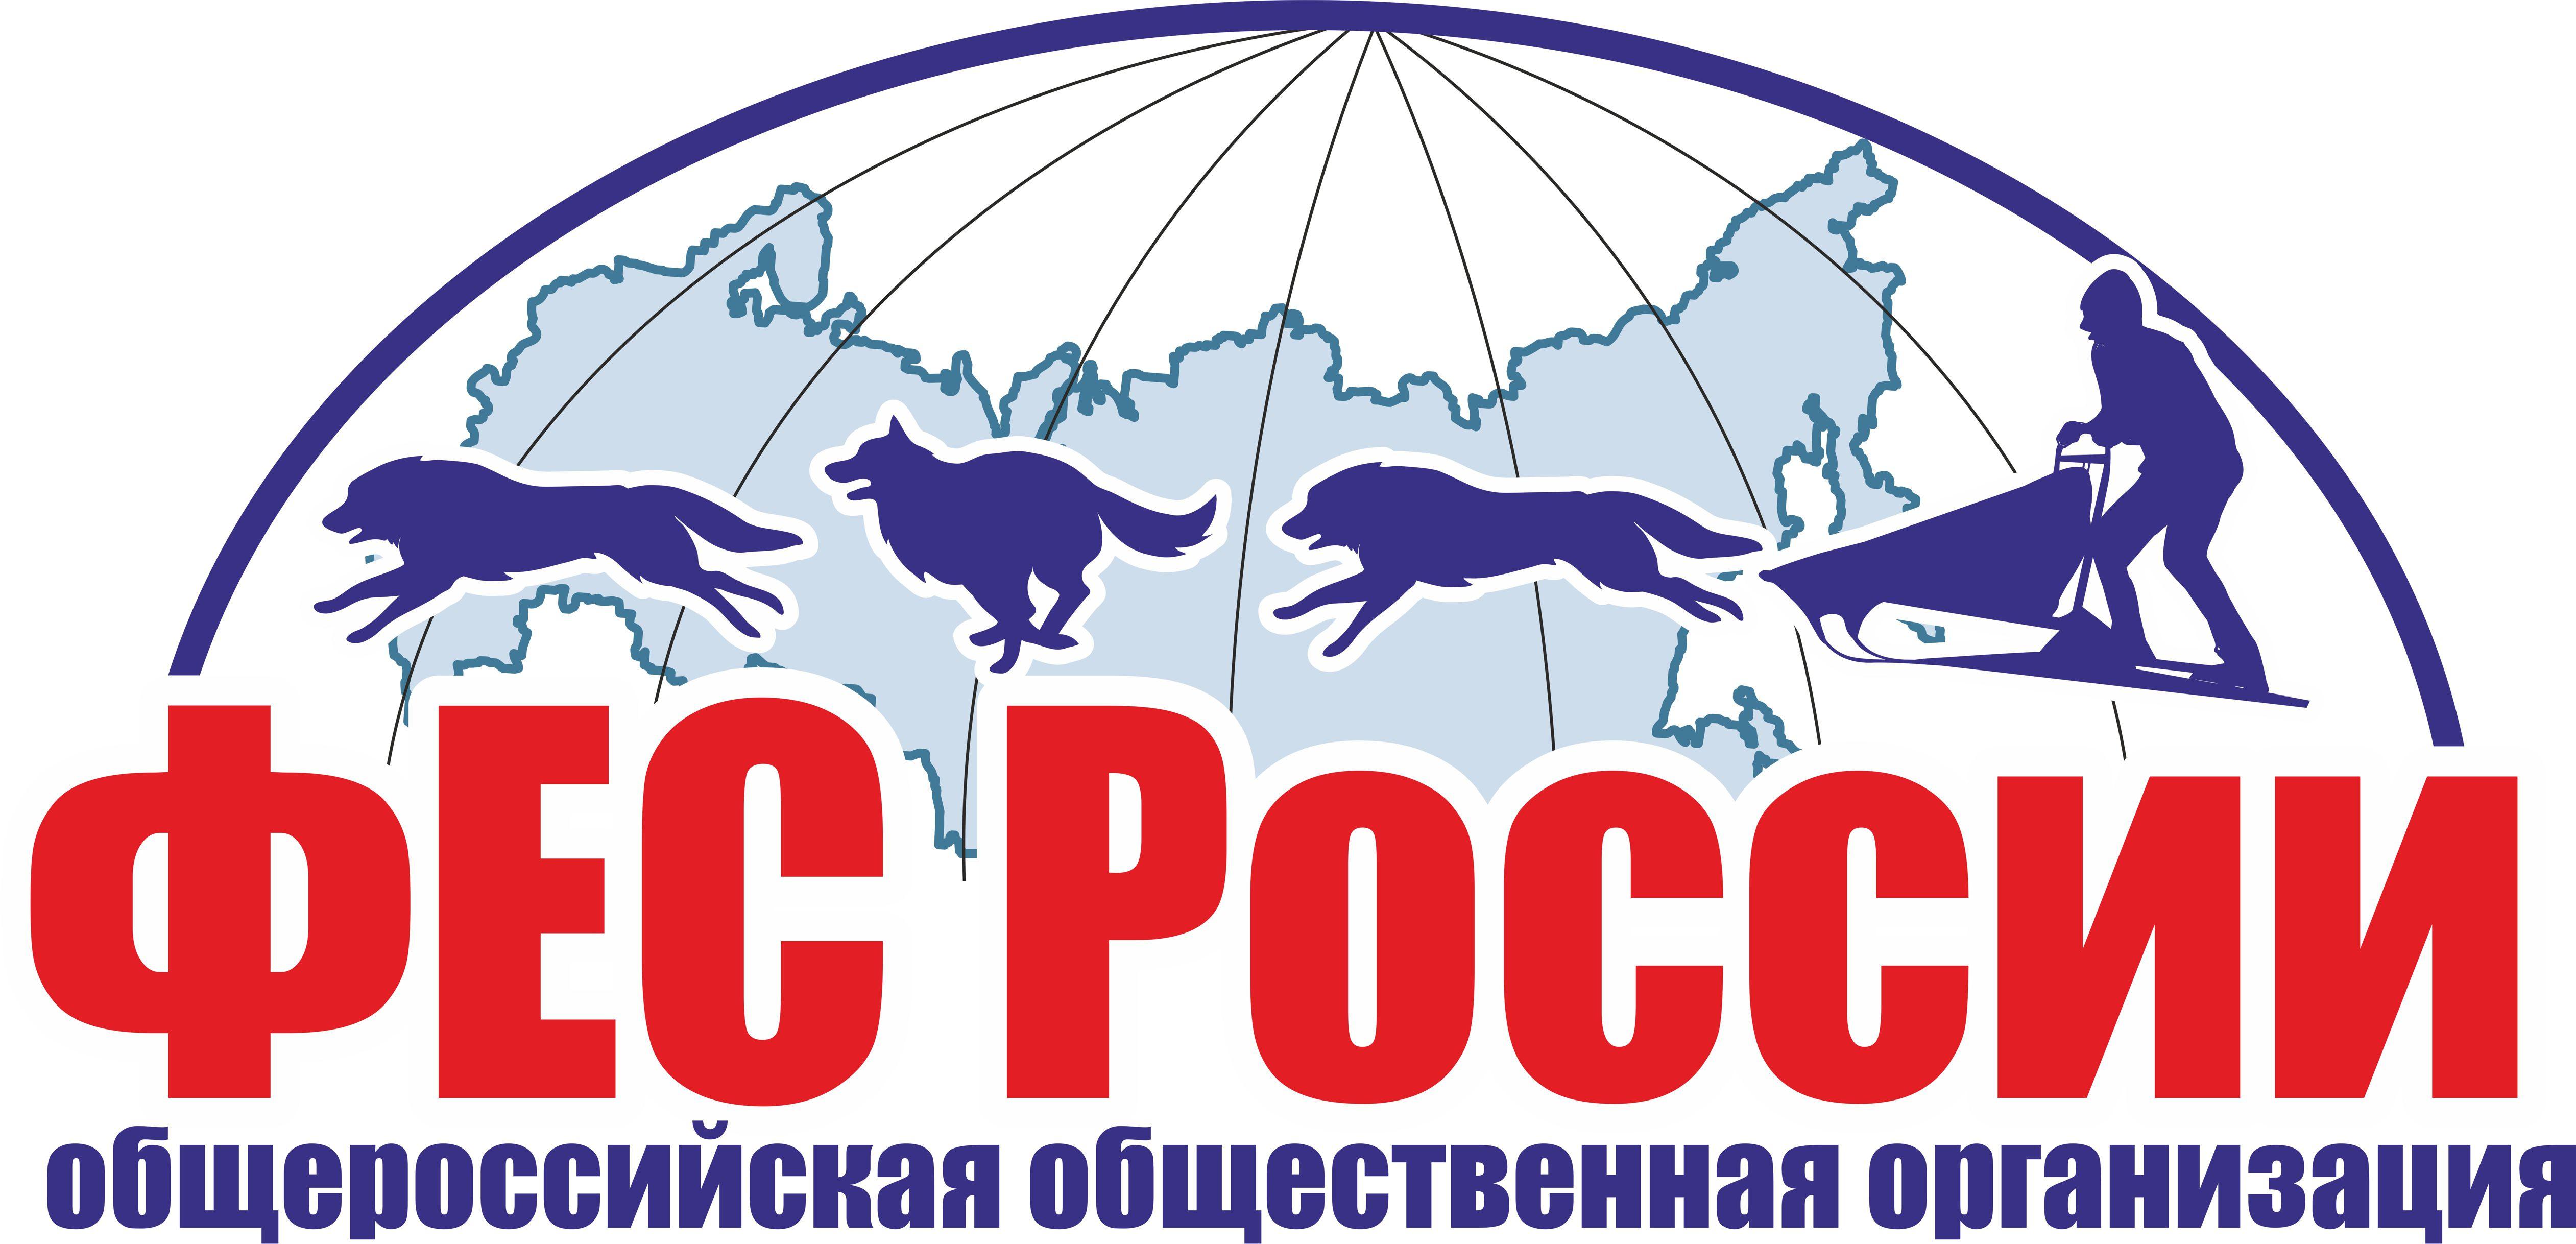 ФЕДЕРАЦИЯ ЕЗДОВОГО СПОРТА РОССИИ